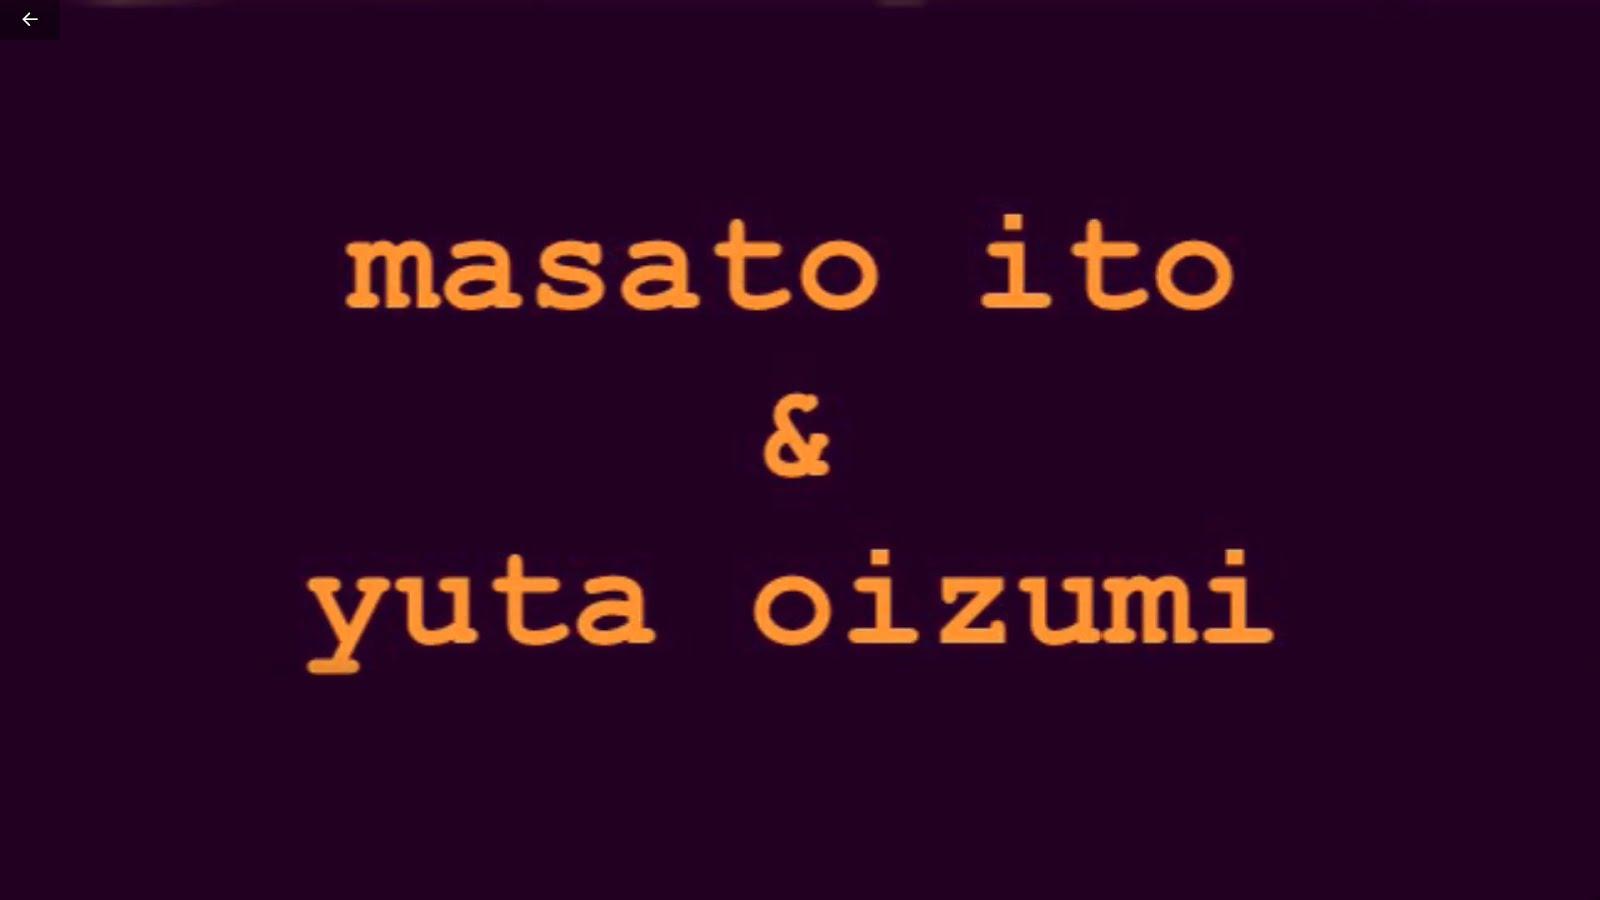 masato ito & yuta oizumi